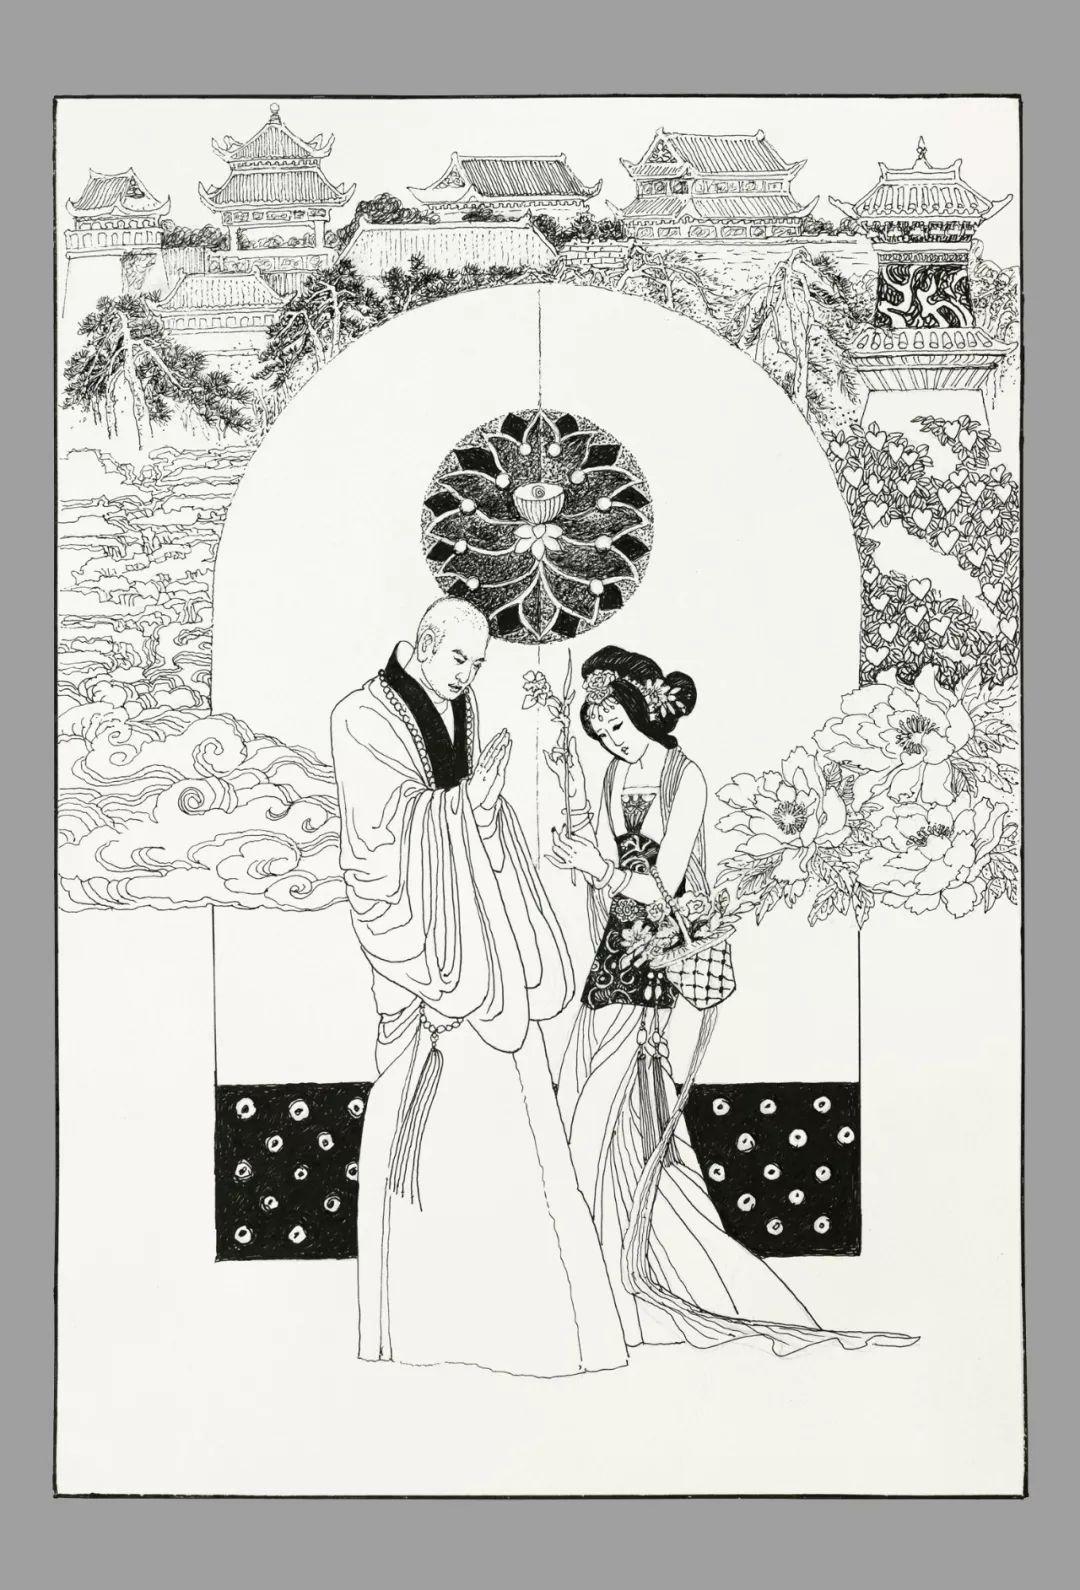 内蒙古画家--彭志信 第67张 内蒙古画家--彭志信 蒙古画廊